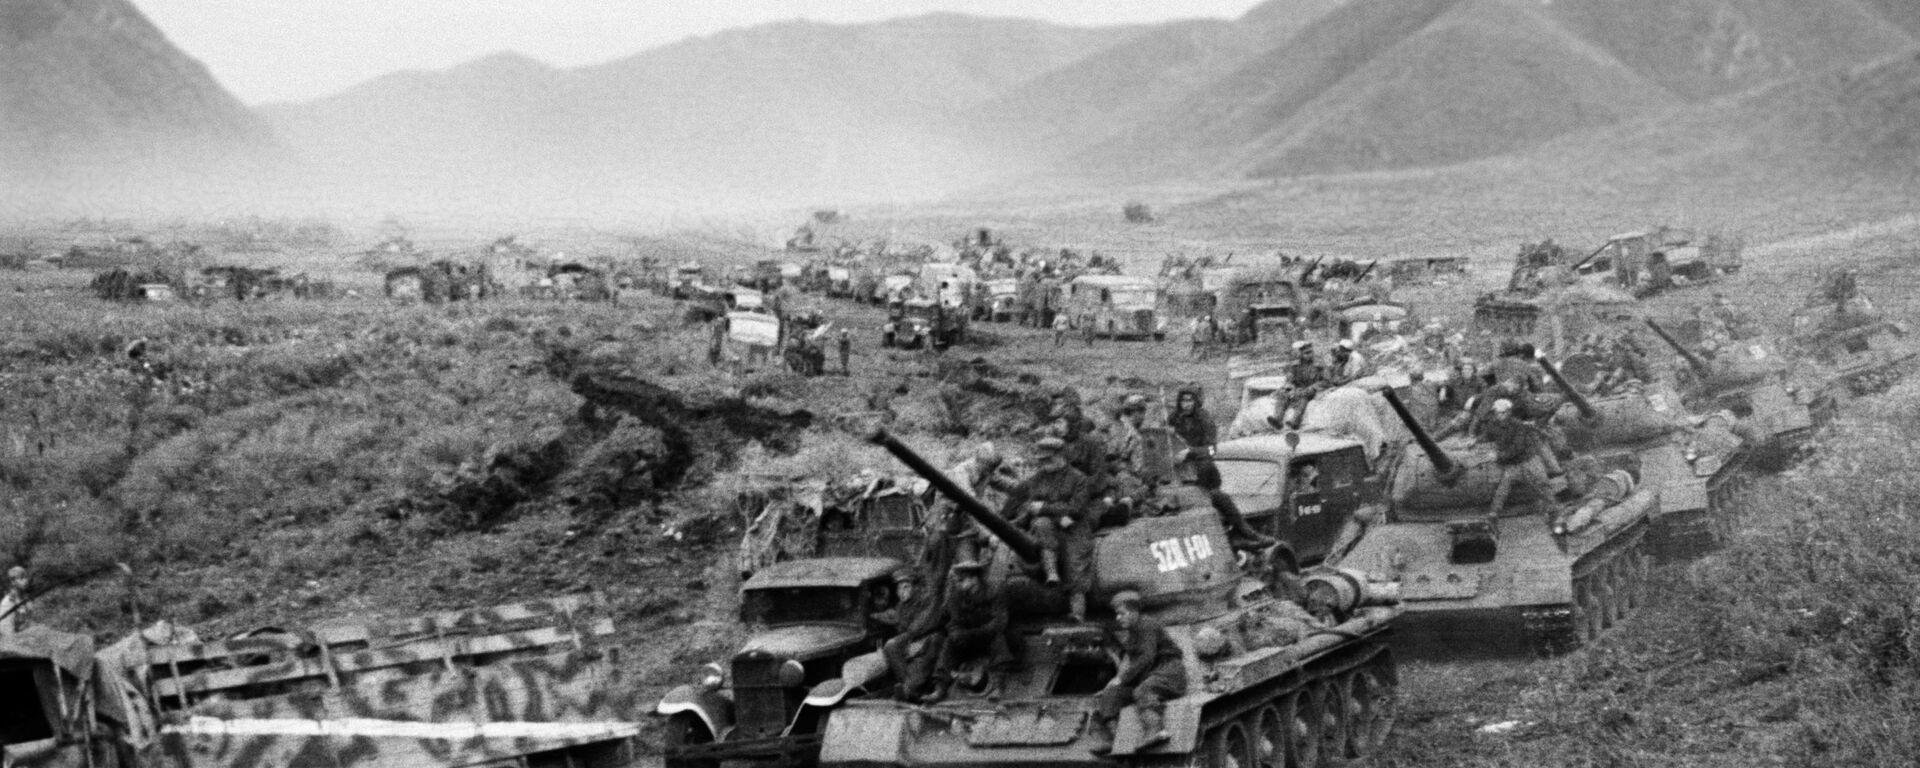 Poraz Kvantunške vojske, najvećeg odreda imperijalnog Japana, krajem Drugog svetskog rata. Tenkovske jedinice sovjetske vojske tokom prelaska Velikog Kingana u avgustu 1945. godine. - Sputnik Srbija, 1920, 30.08.2021